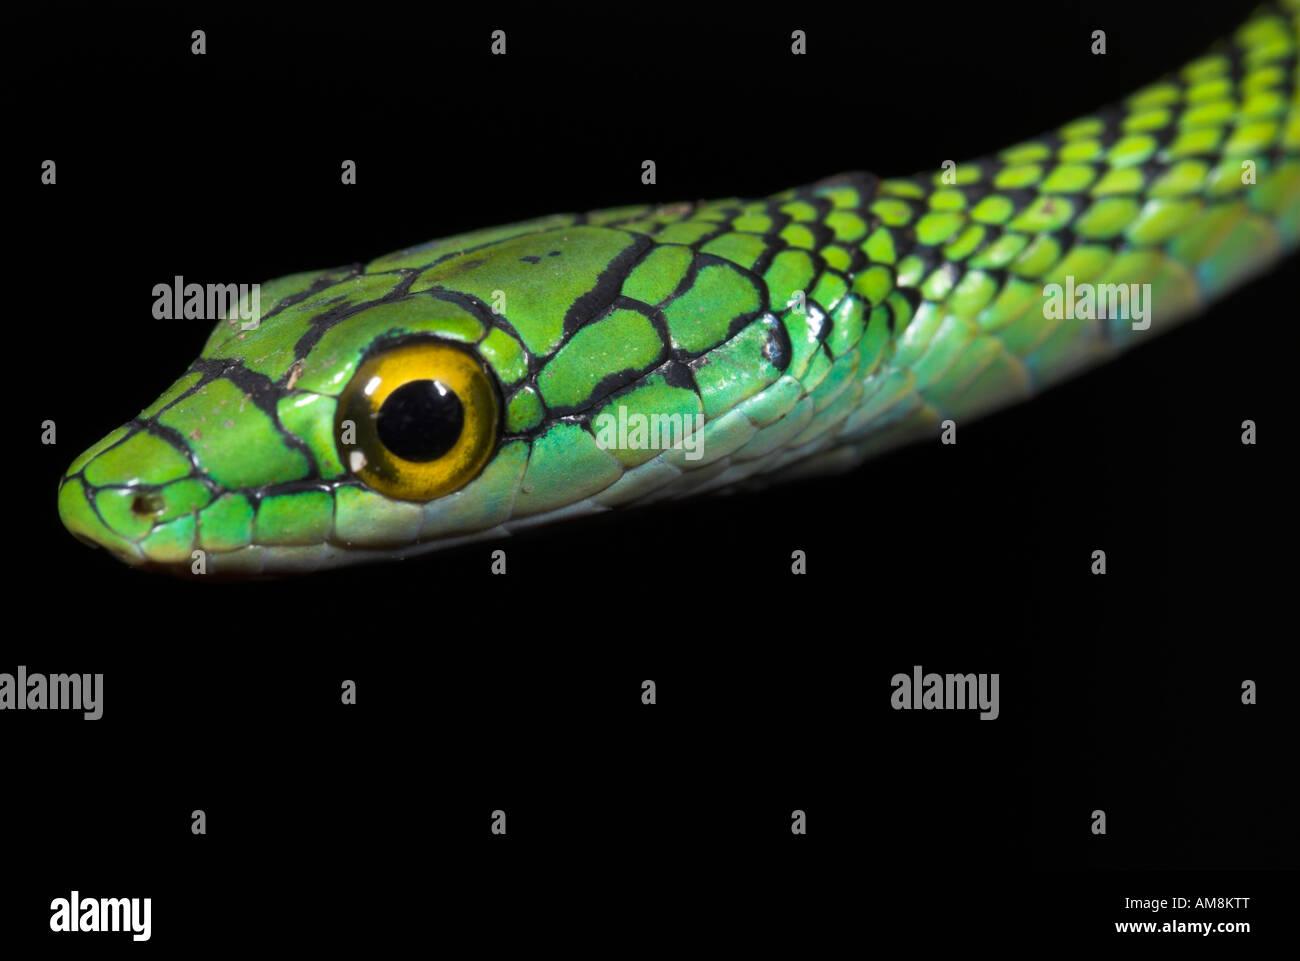 Schwarz gehäutet Papagei Schlange oder Green Parrot Schlange Leptophis Ahaetulla Nigromarginatus Iquitos Peru Stockbild